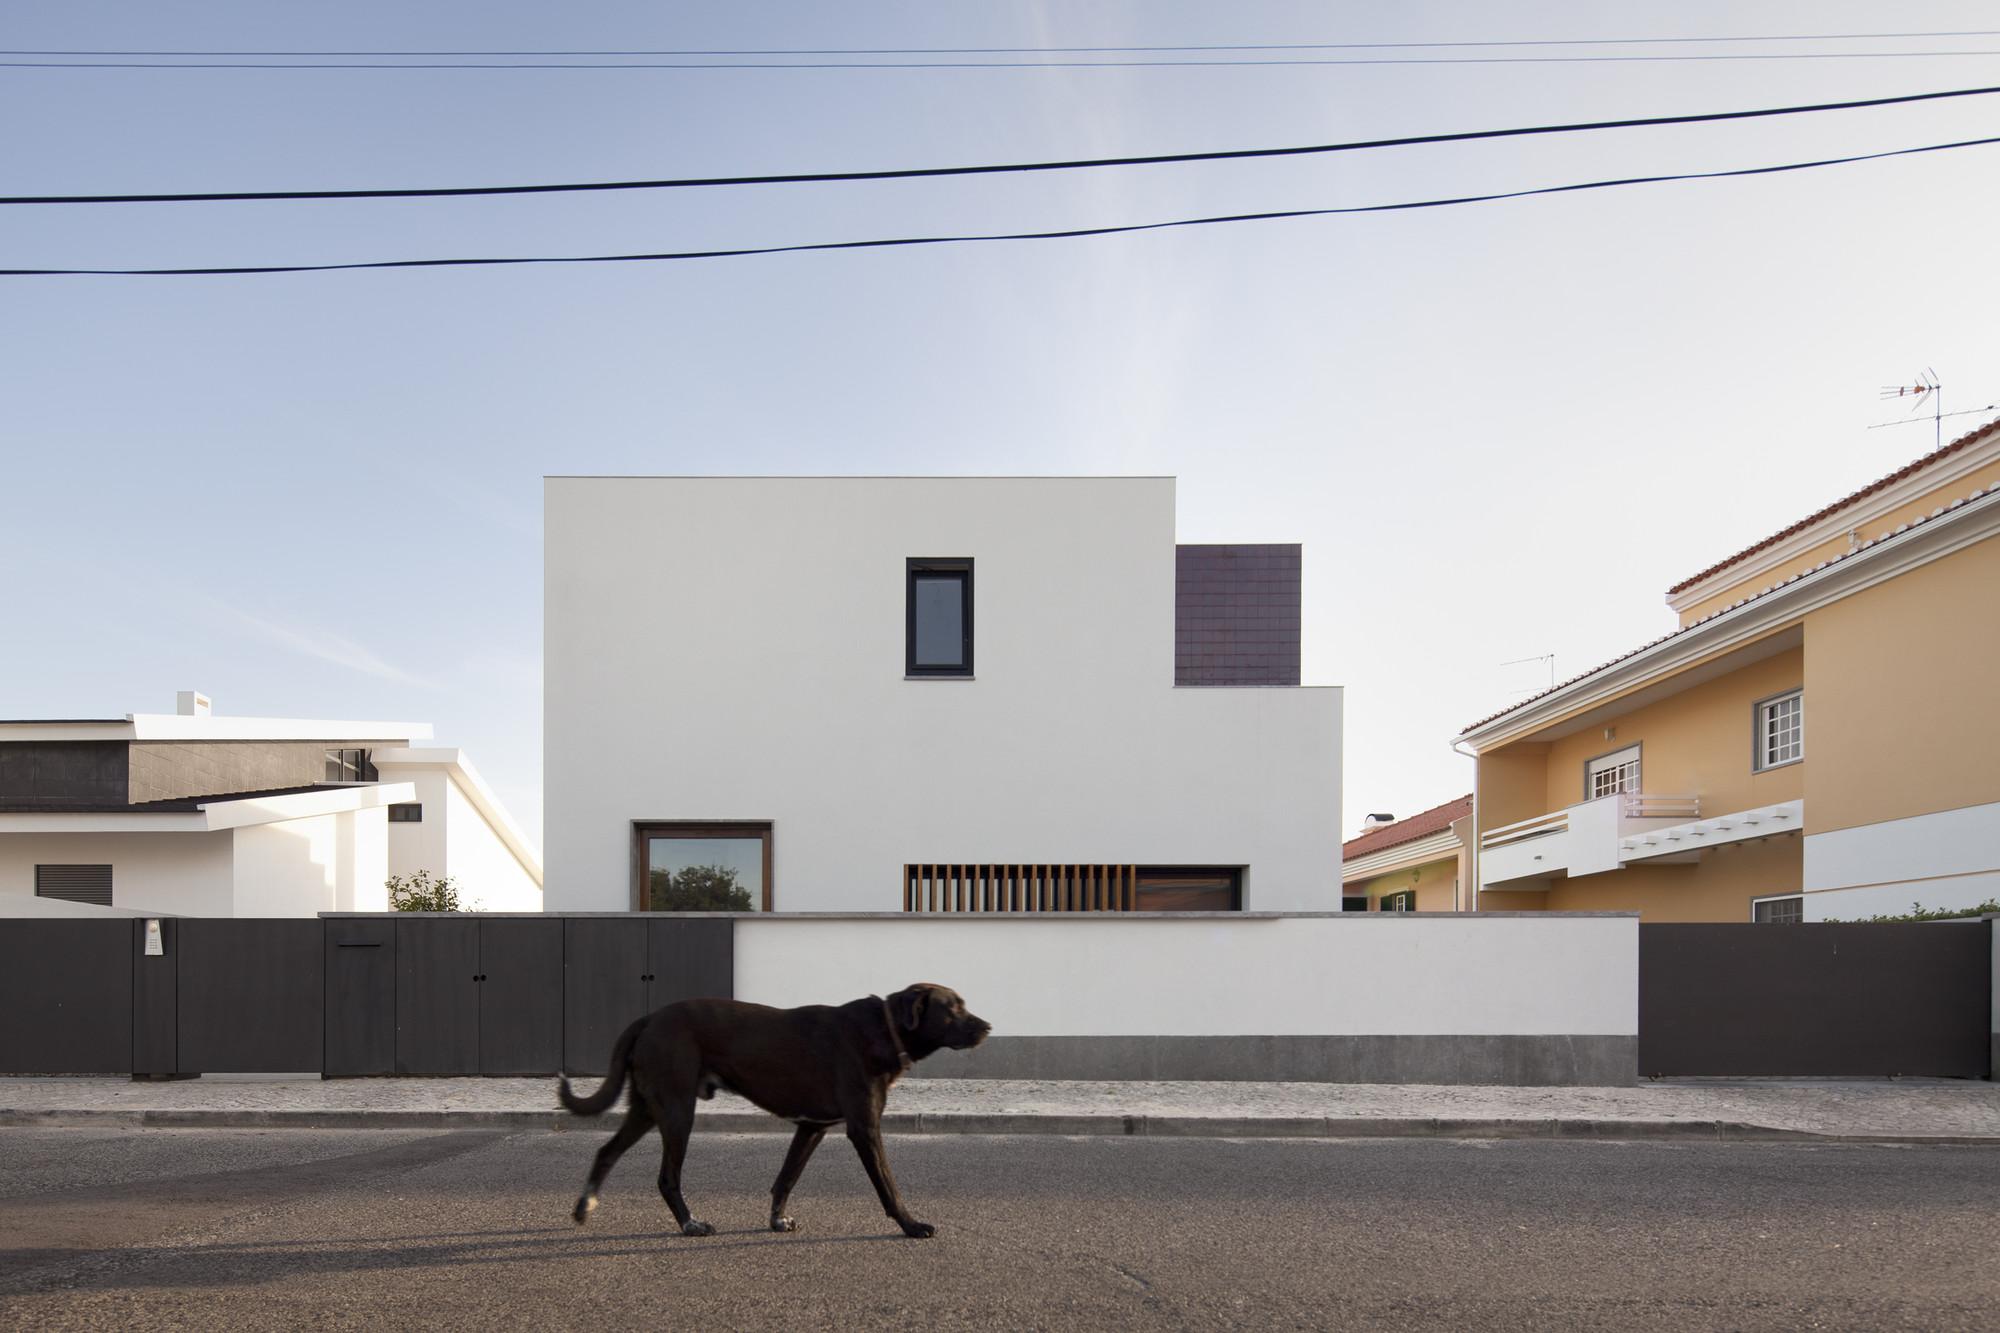 Casa em Pêro Pinheiro / brunosilvestreARCHITECTURE, © Fernando Guerra I FG+SG